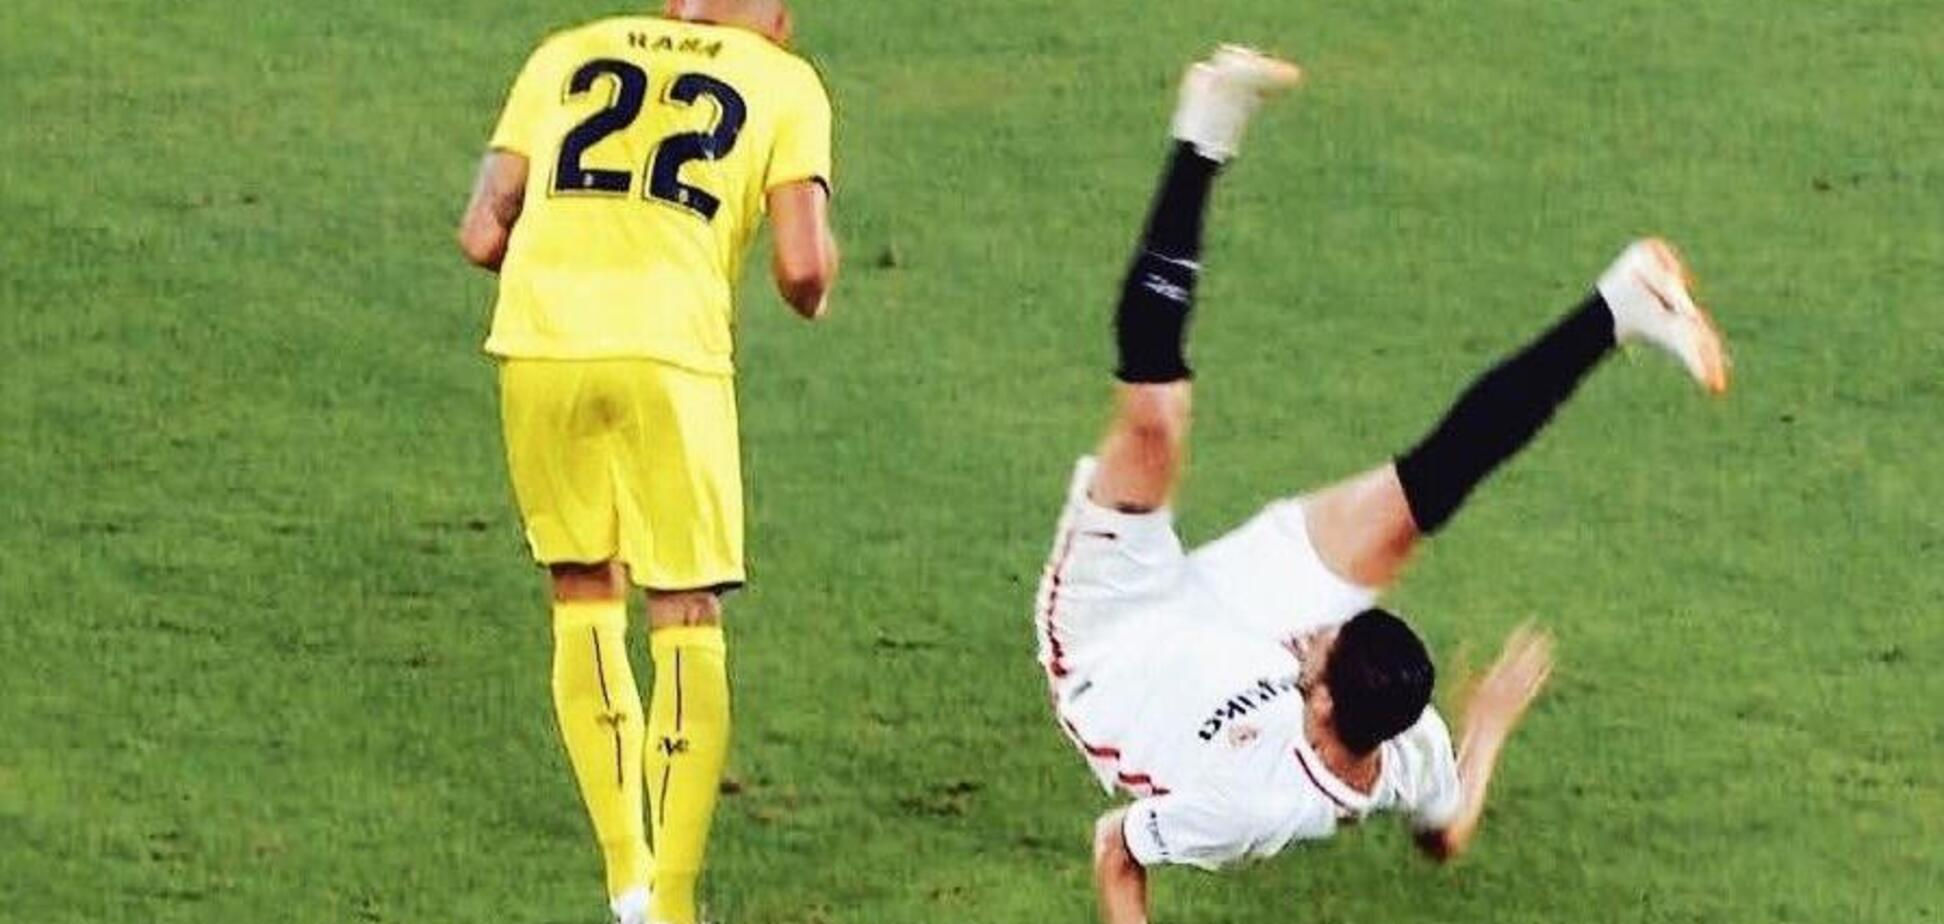 'Ампутували': футболіст стрибнув за м'ячем і отримав жахливий перелом